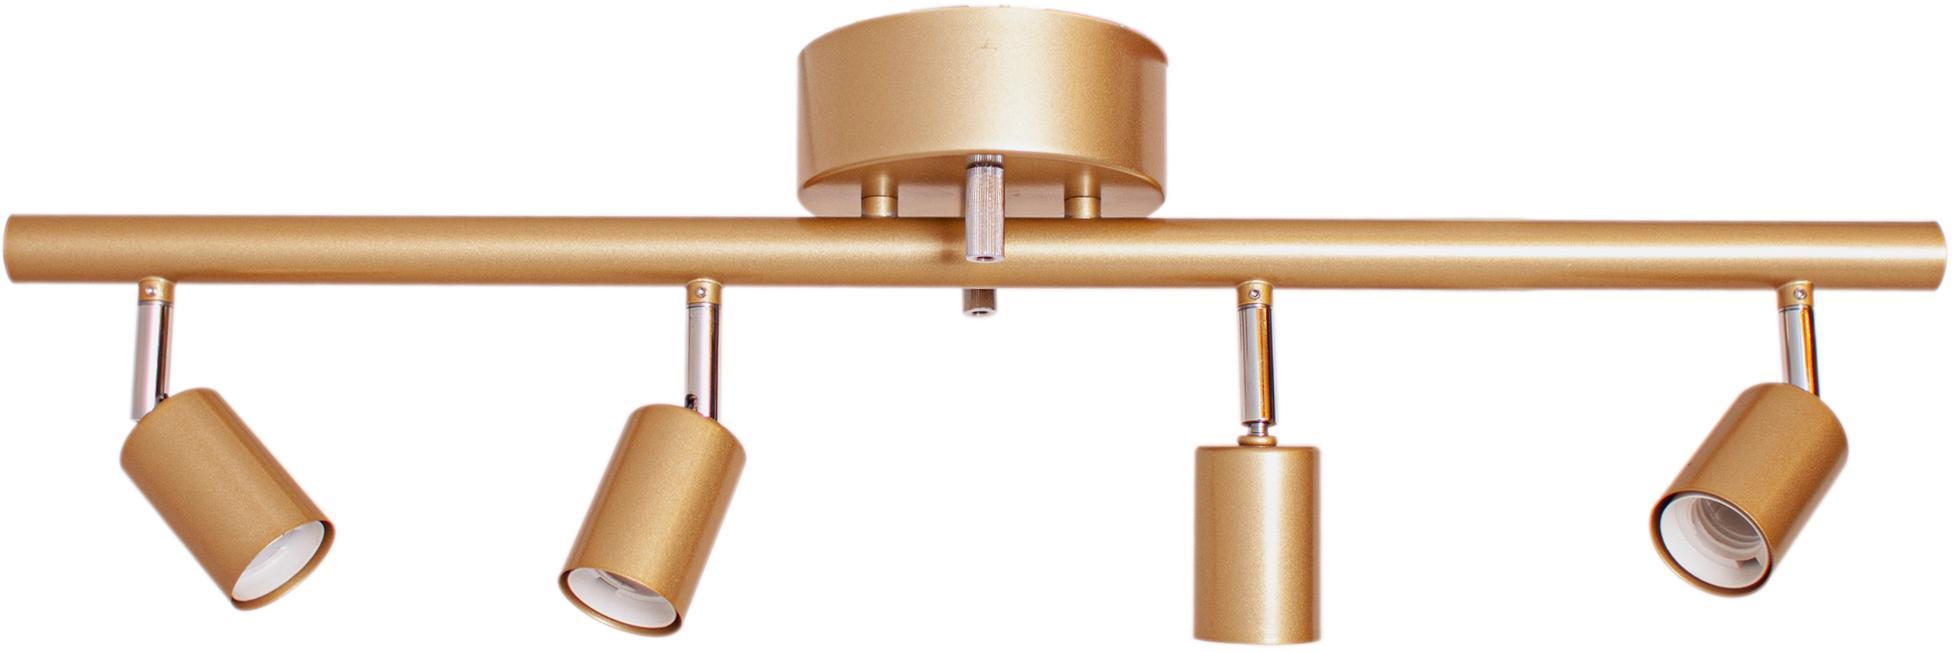 Lampa sufitowa Correct, Stelaż: metal powlekany, Odcienie złotego, S 83 x W 18 cm